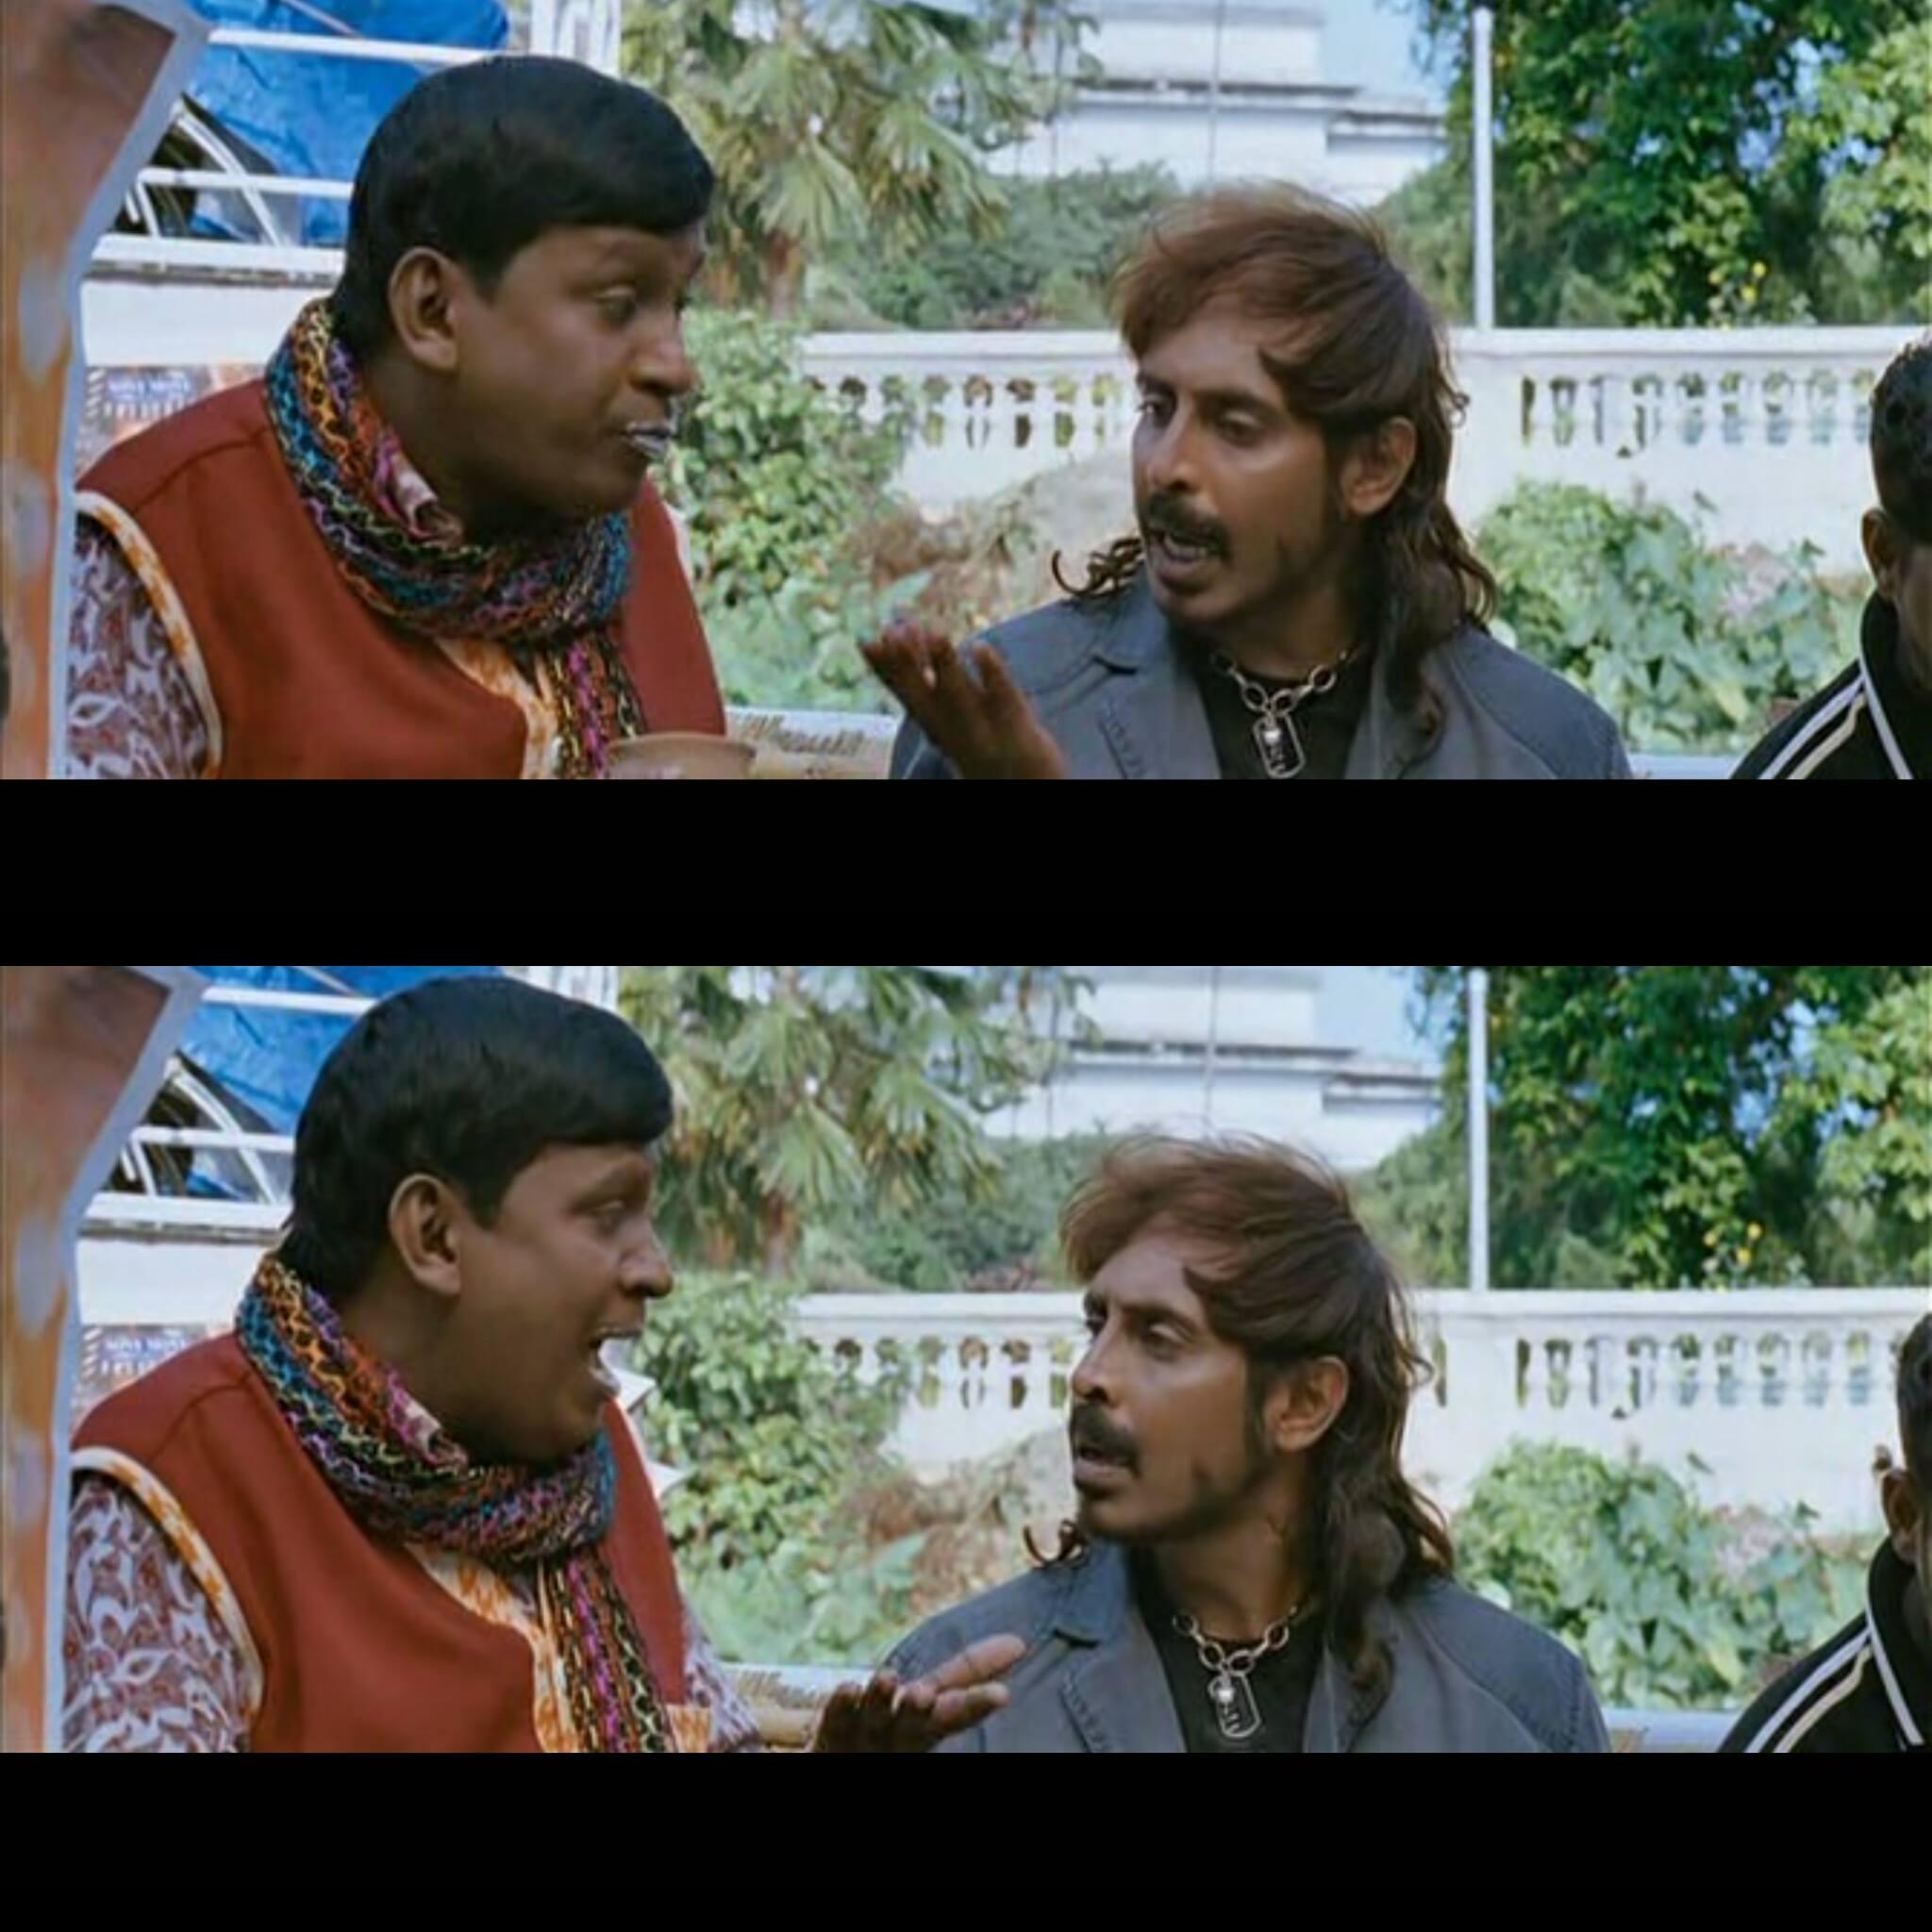 Aadhavan Tamil Meme Templates 6 Kakakapo